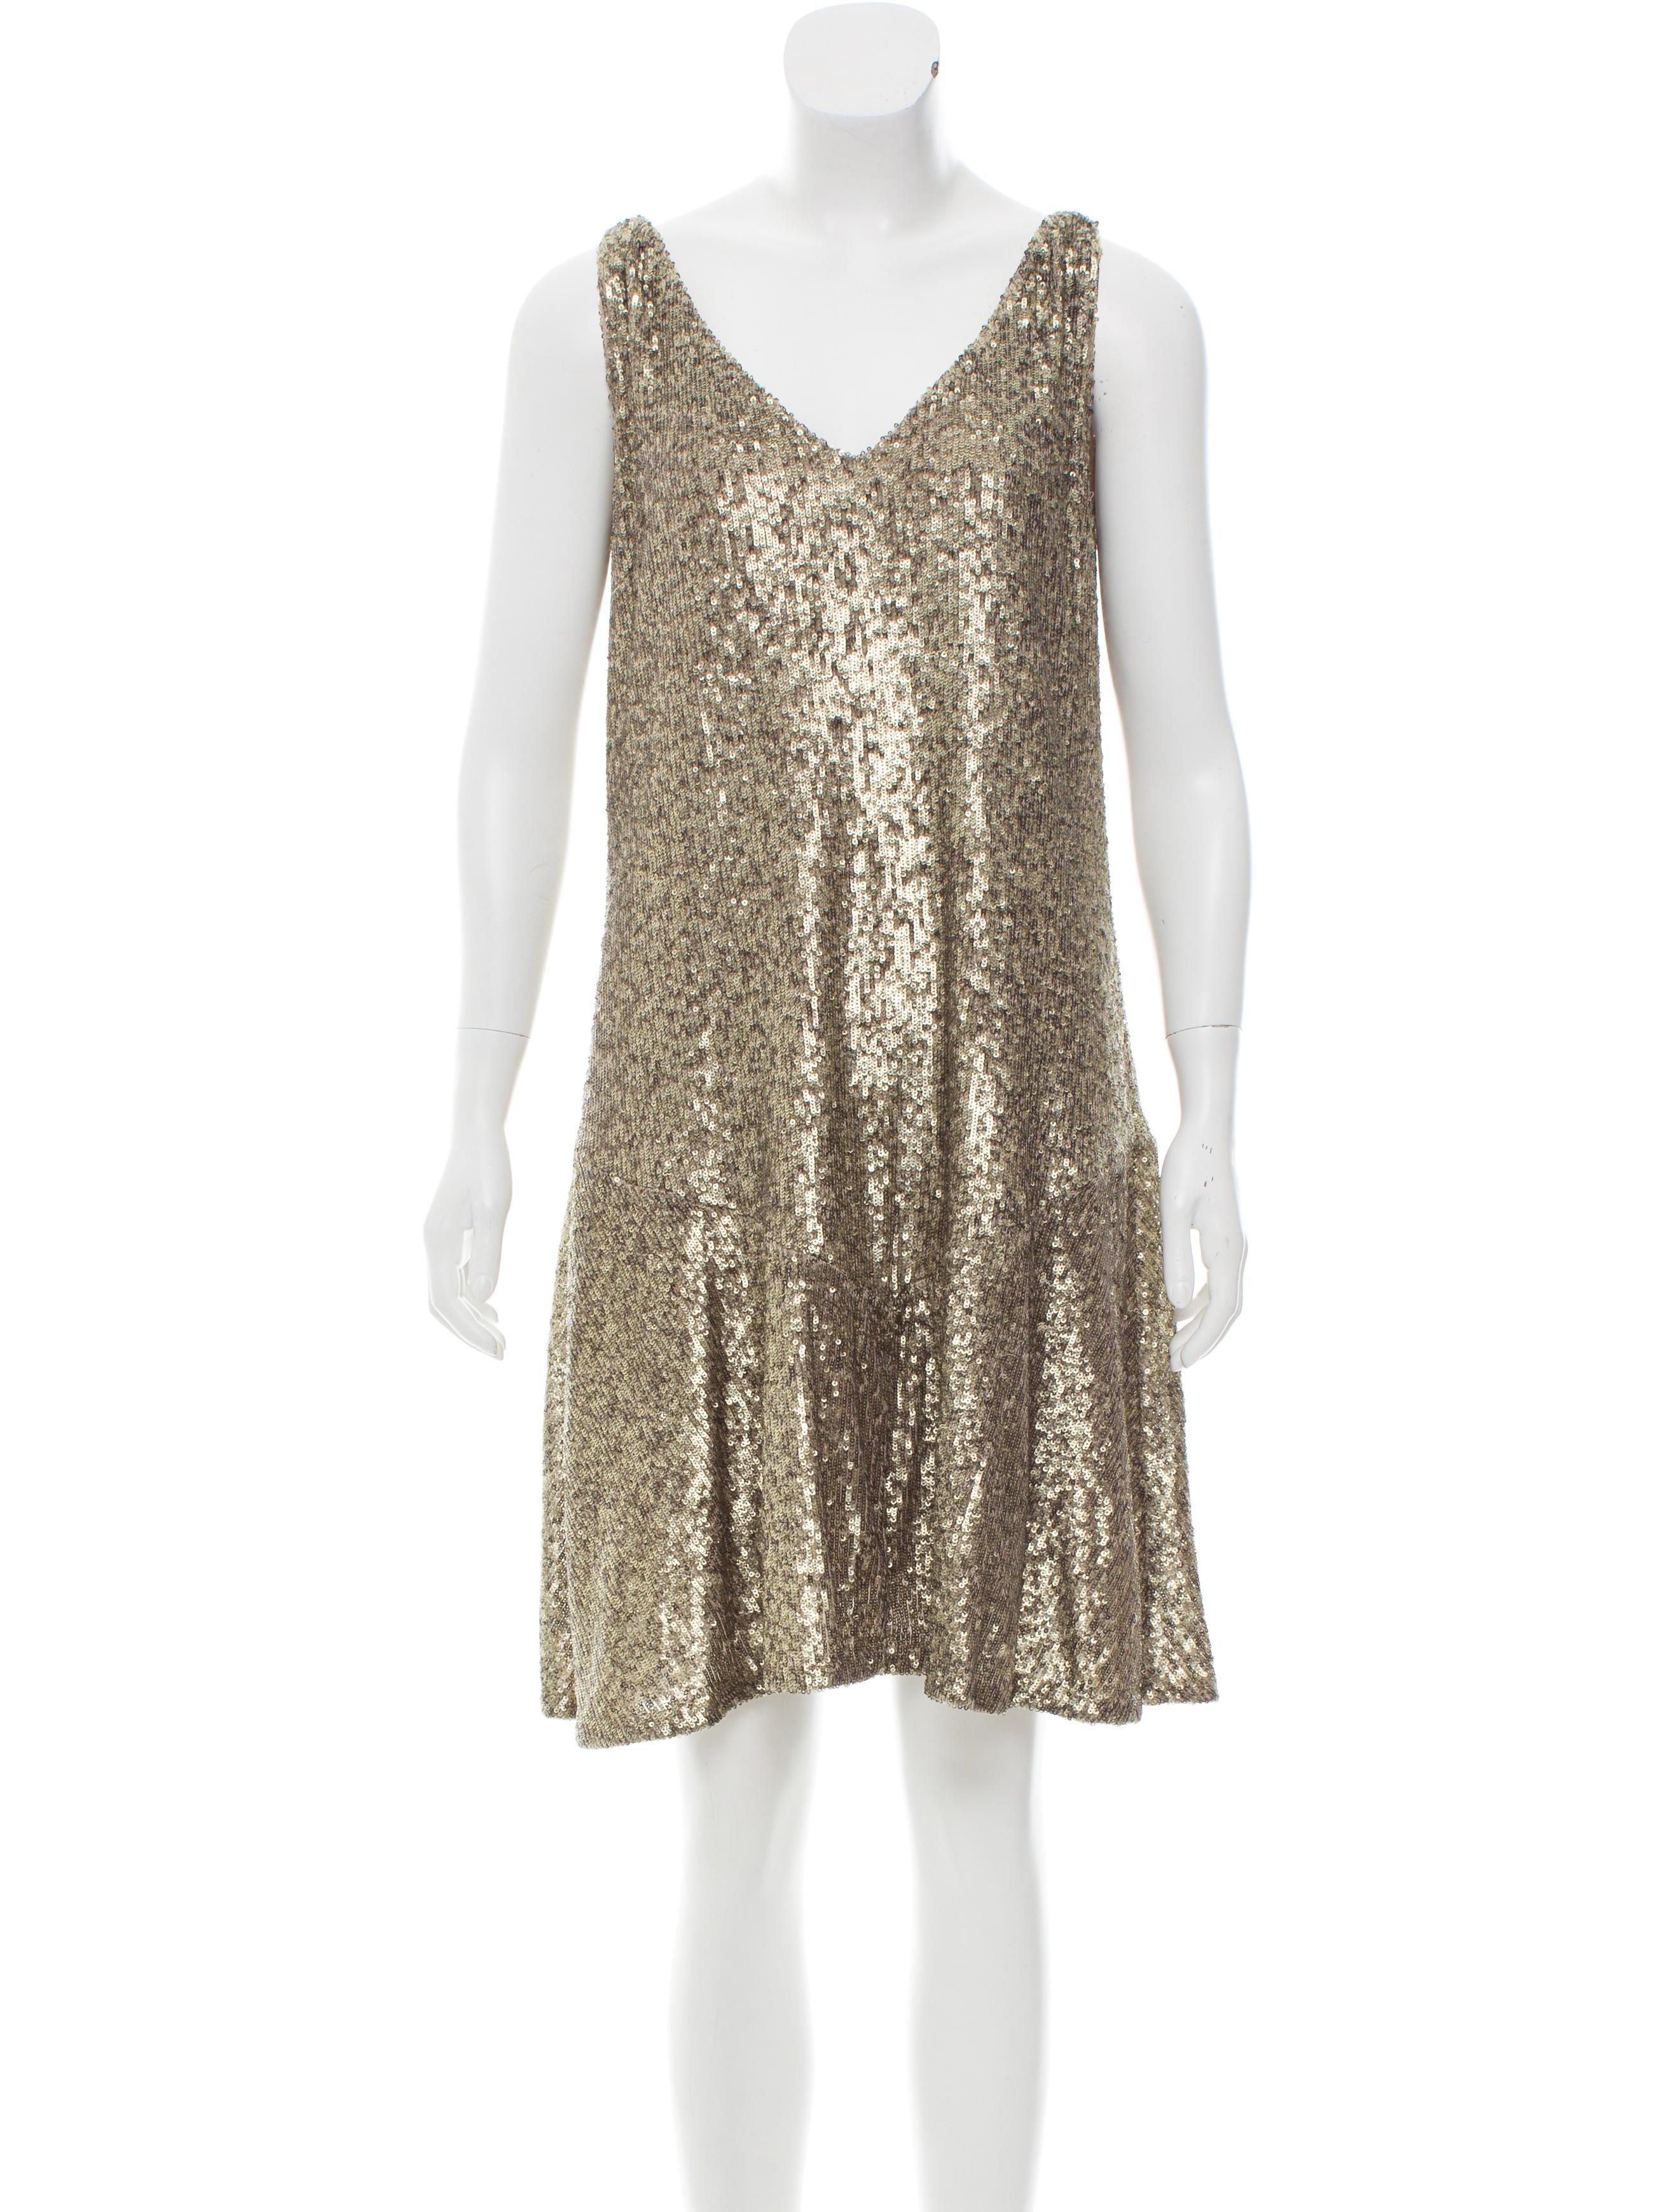 Lauren Ralph Lauren Sequin Mini Dress w/ Tags - Clothing ...